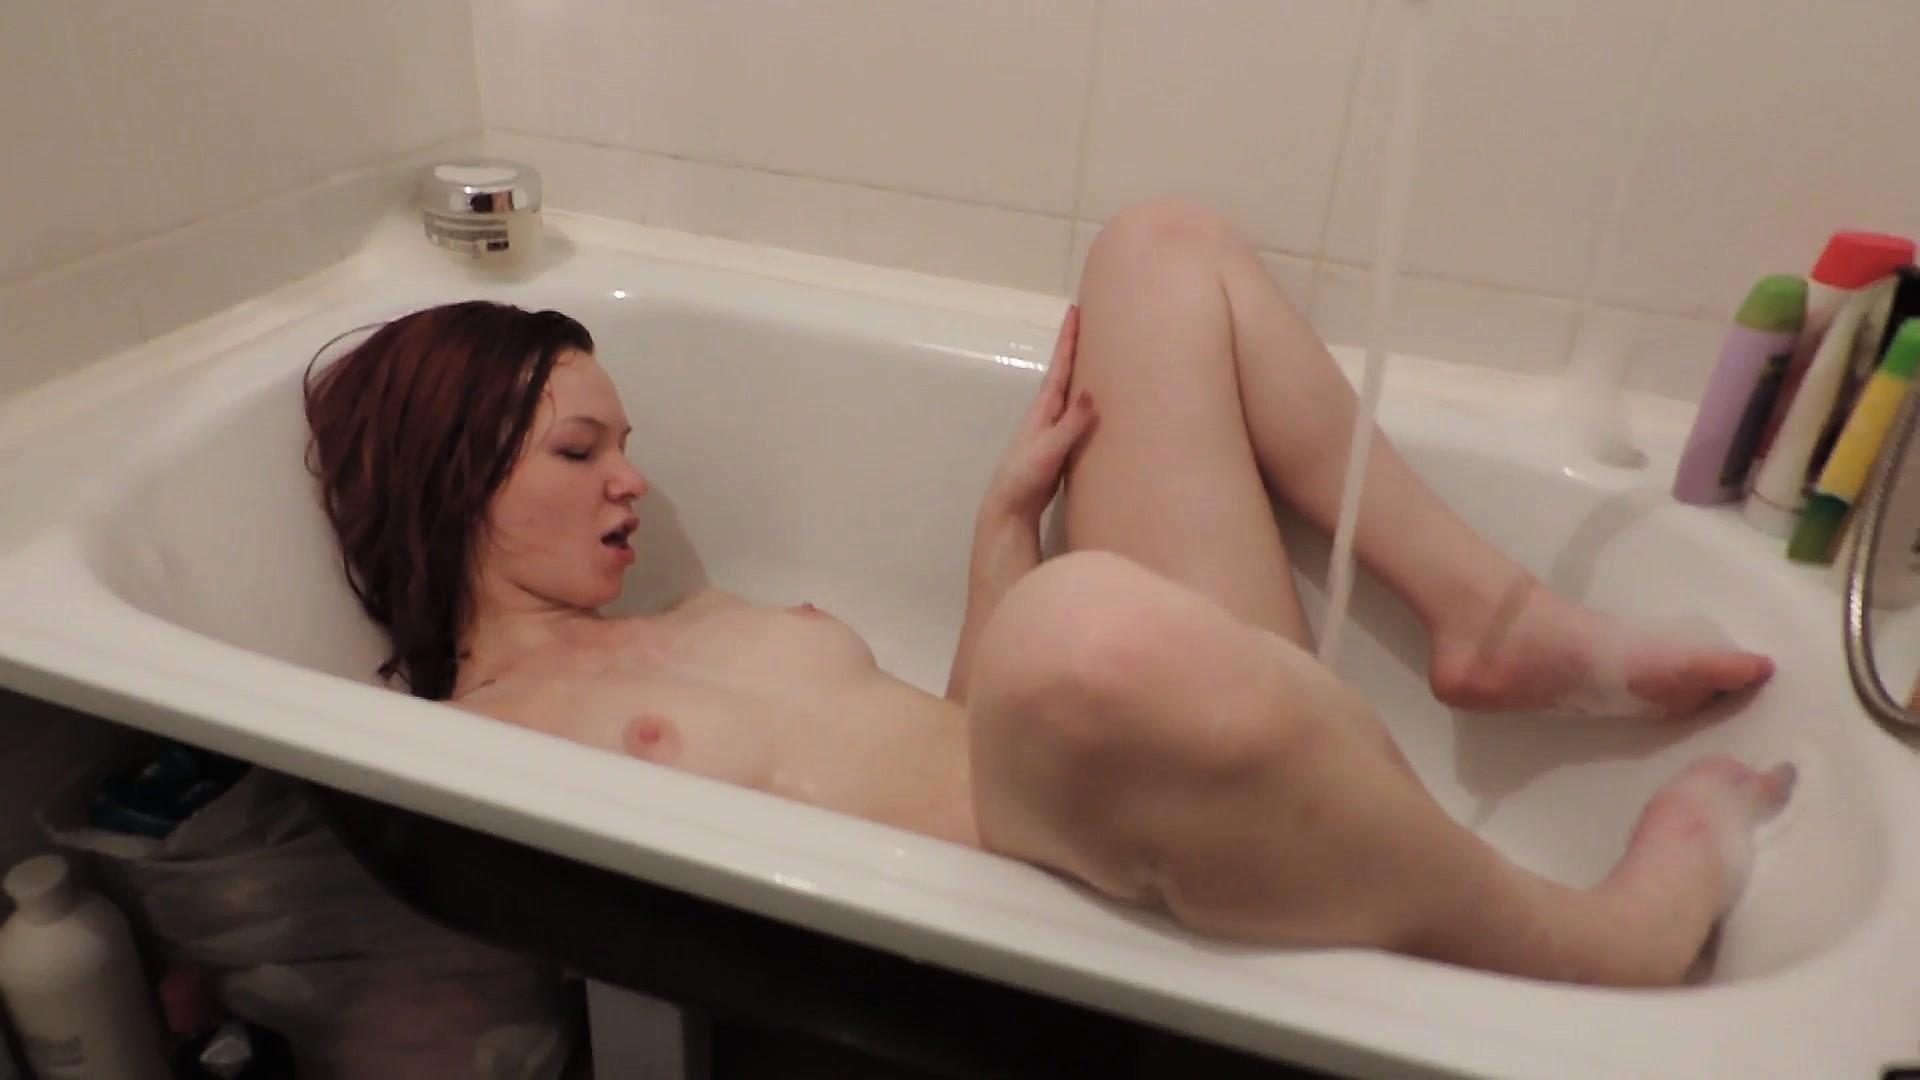 Final, big tits blonde virgin porn idea